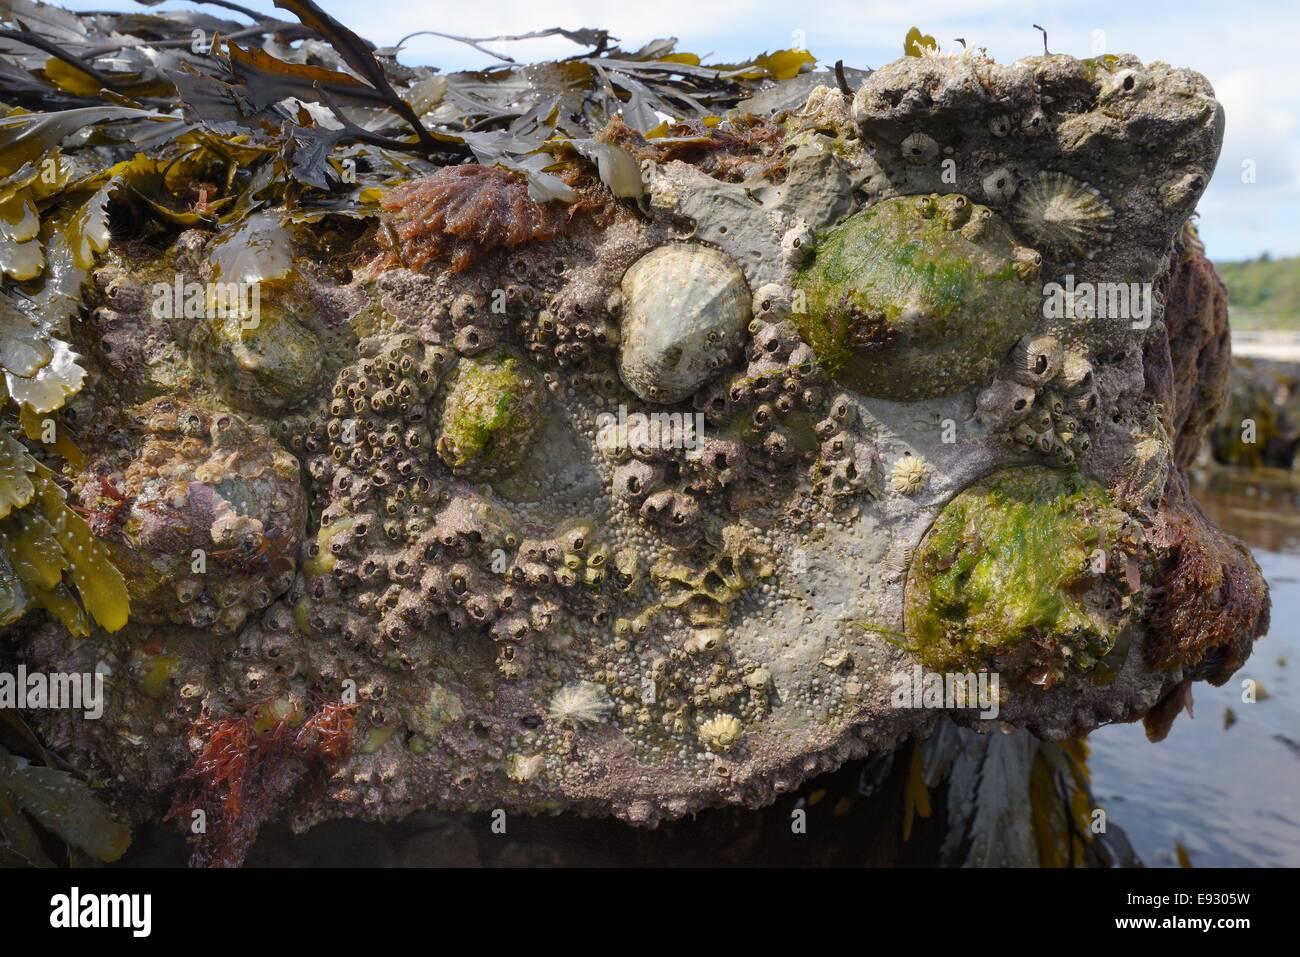 Lapa común (Patella vulgata) y Acorn percebes (Balanus perforatus) conectados a las rocas expuestas en la marea baja, Lyme Regis. Foto de stock